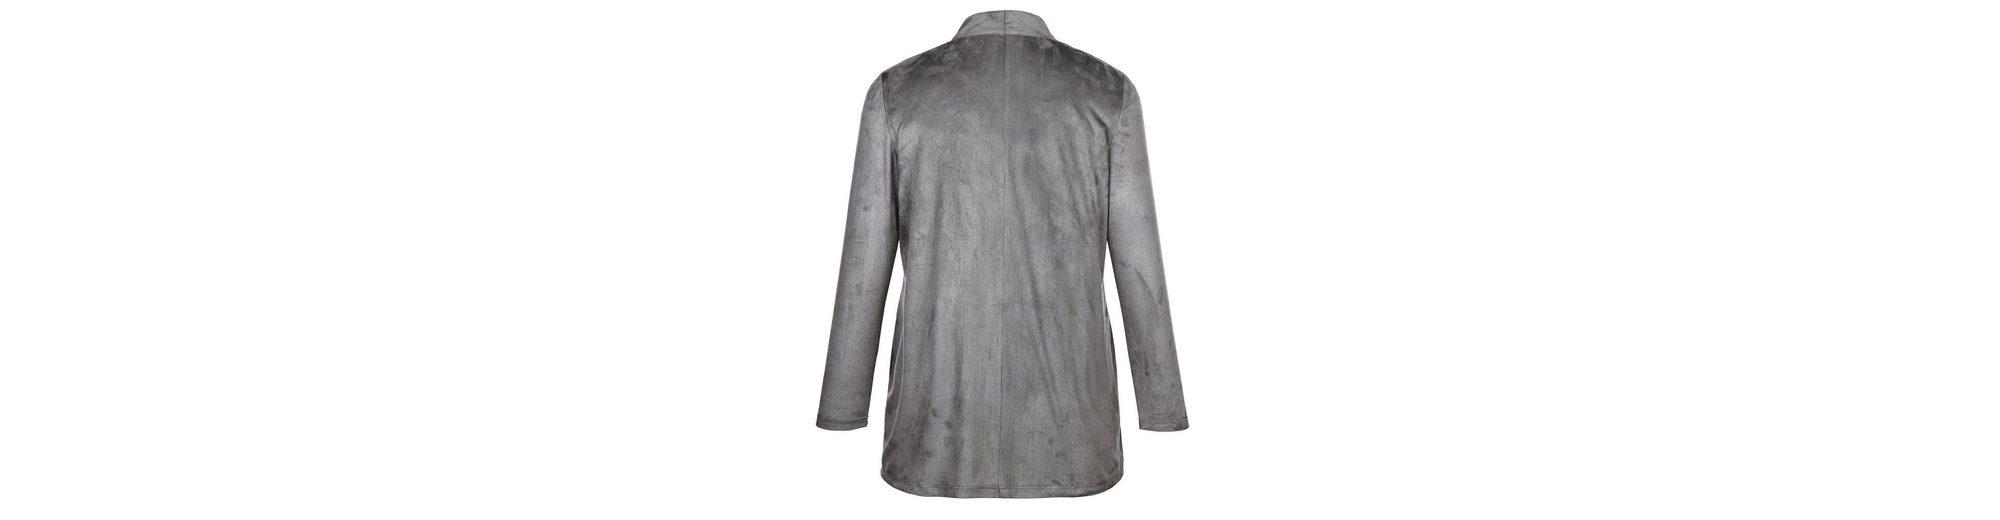 Erkunden Verkauf Online Auslass Klassisch MIAMODA Longshirtjacke Steckdose Vorbestellung Günstig Kaufen Veröffentlichungstermine Billig 2018 oAmUHiow5